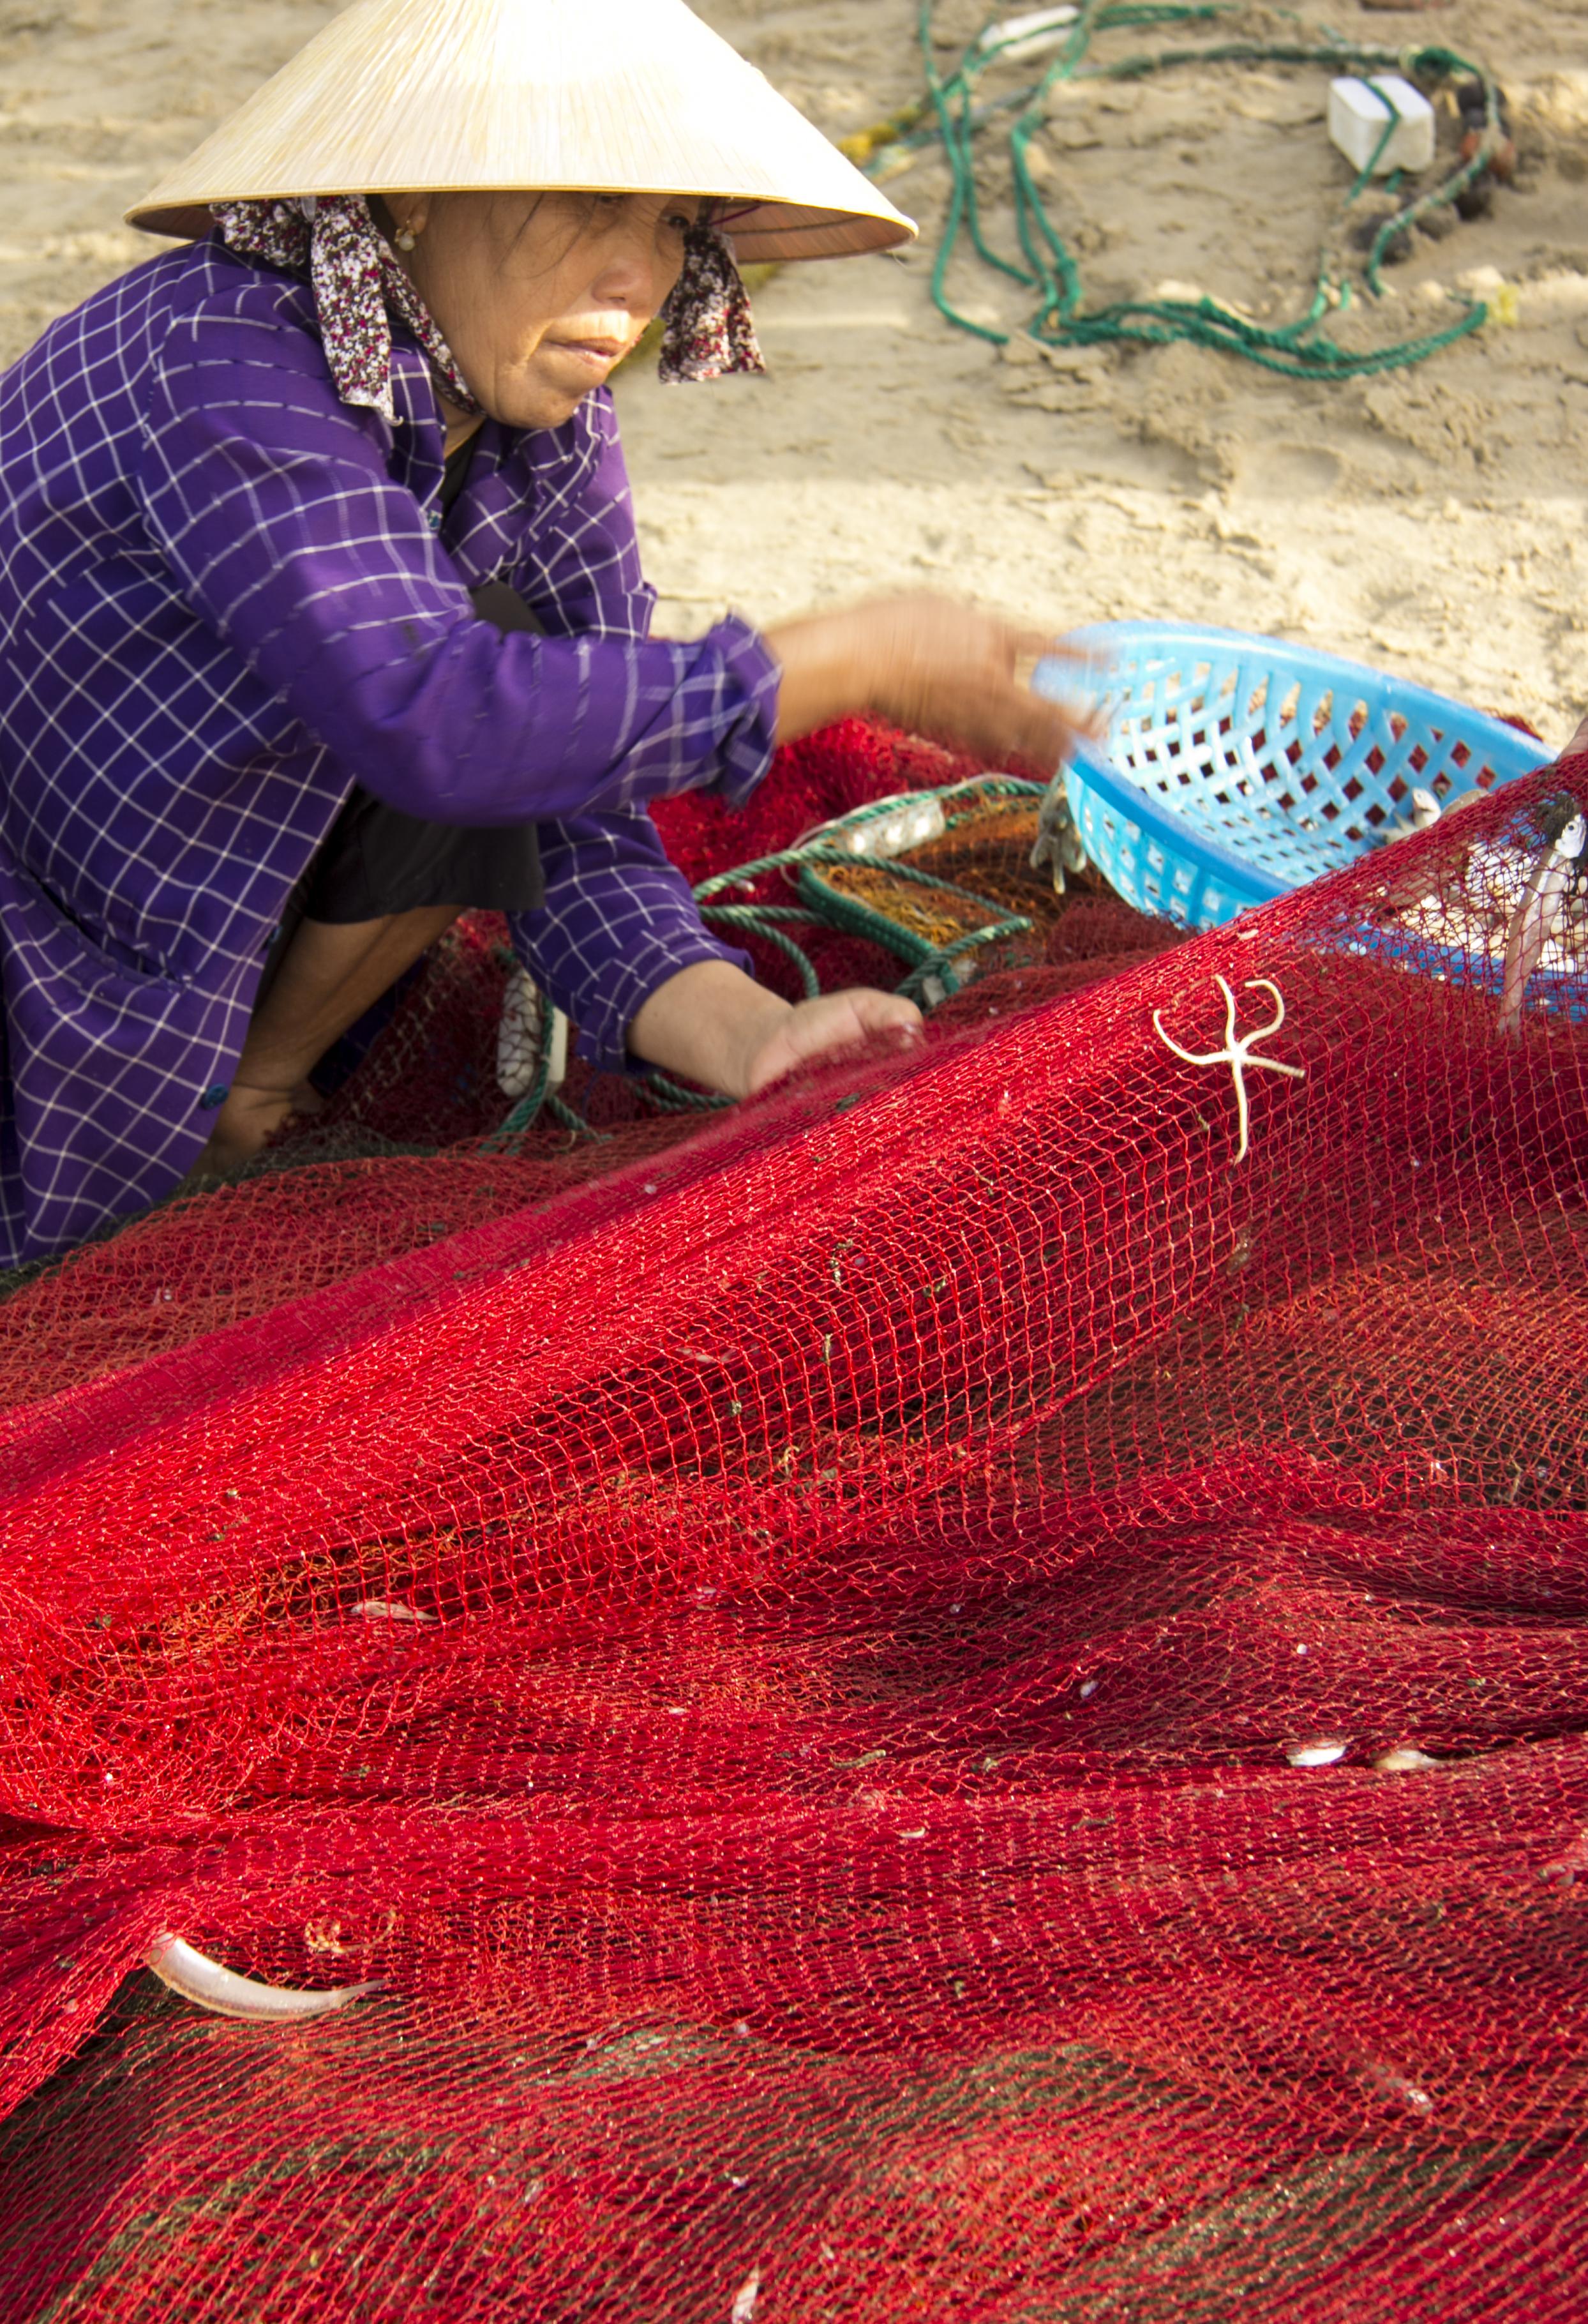 Die Fischerin sammelt den Fang des Tages ein. Zusammen mit etwa 10 anderen Menschen haben sie das Netz frühmorgens an einem Strand in Mui Ne, Vietnam, eingeholt.